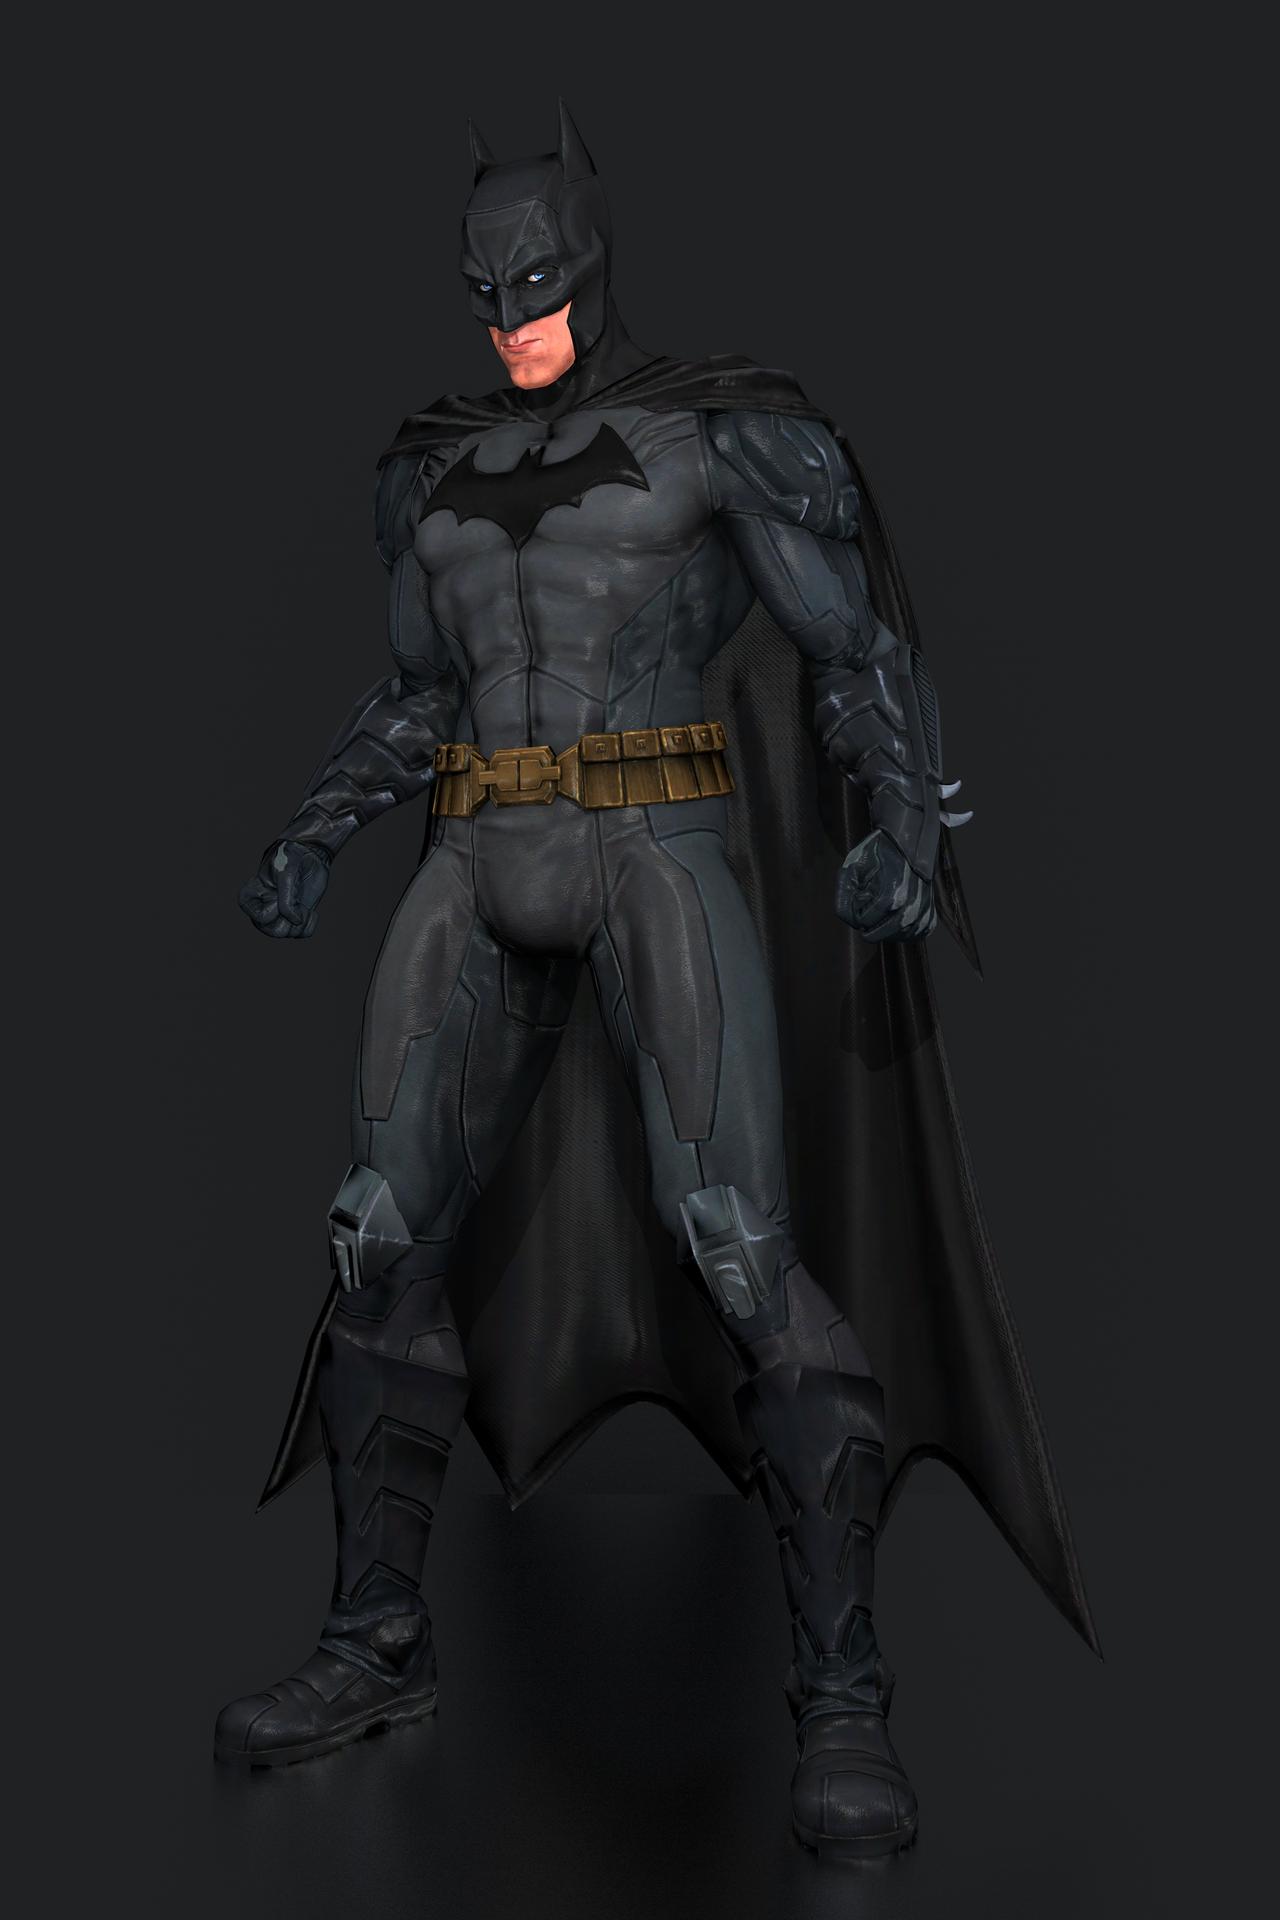 injustice gods among us batman new 52 by ishikahiruma